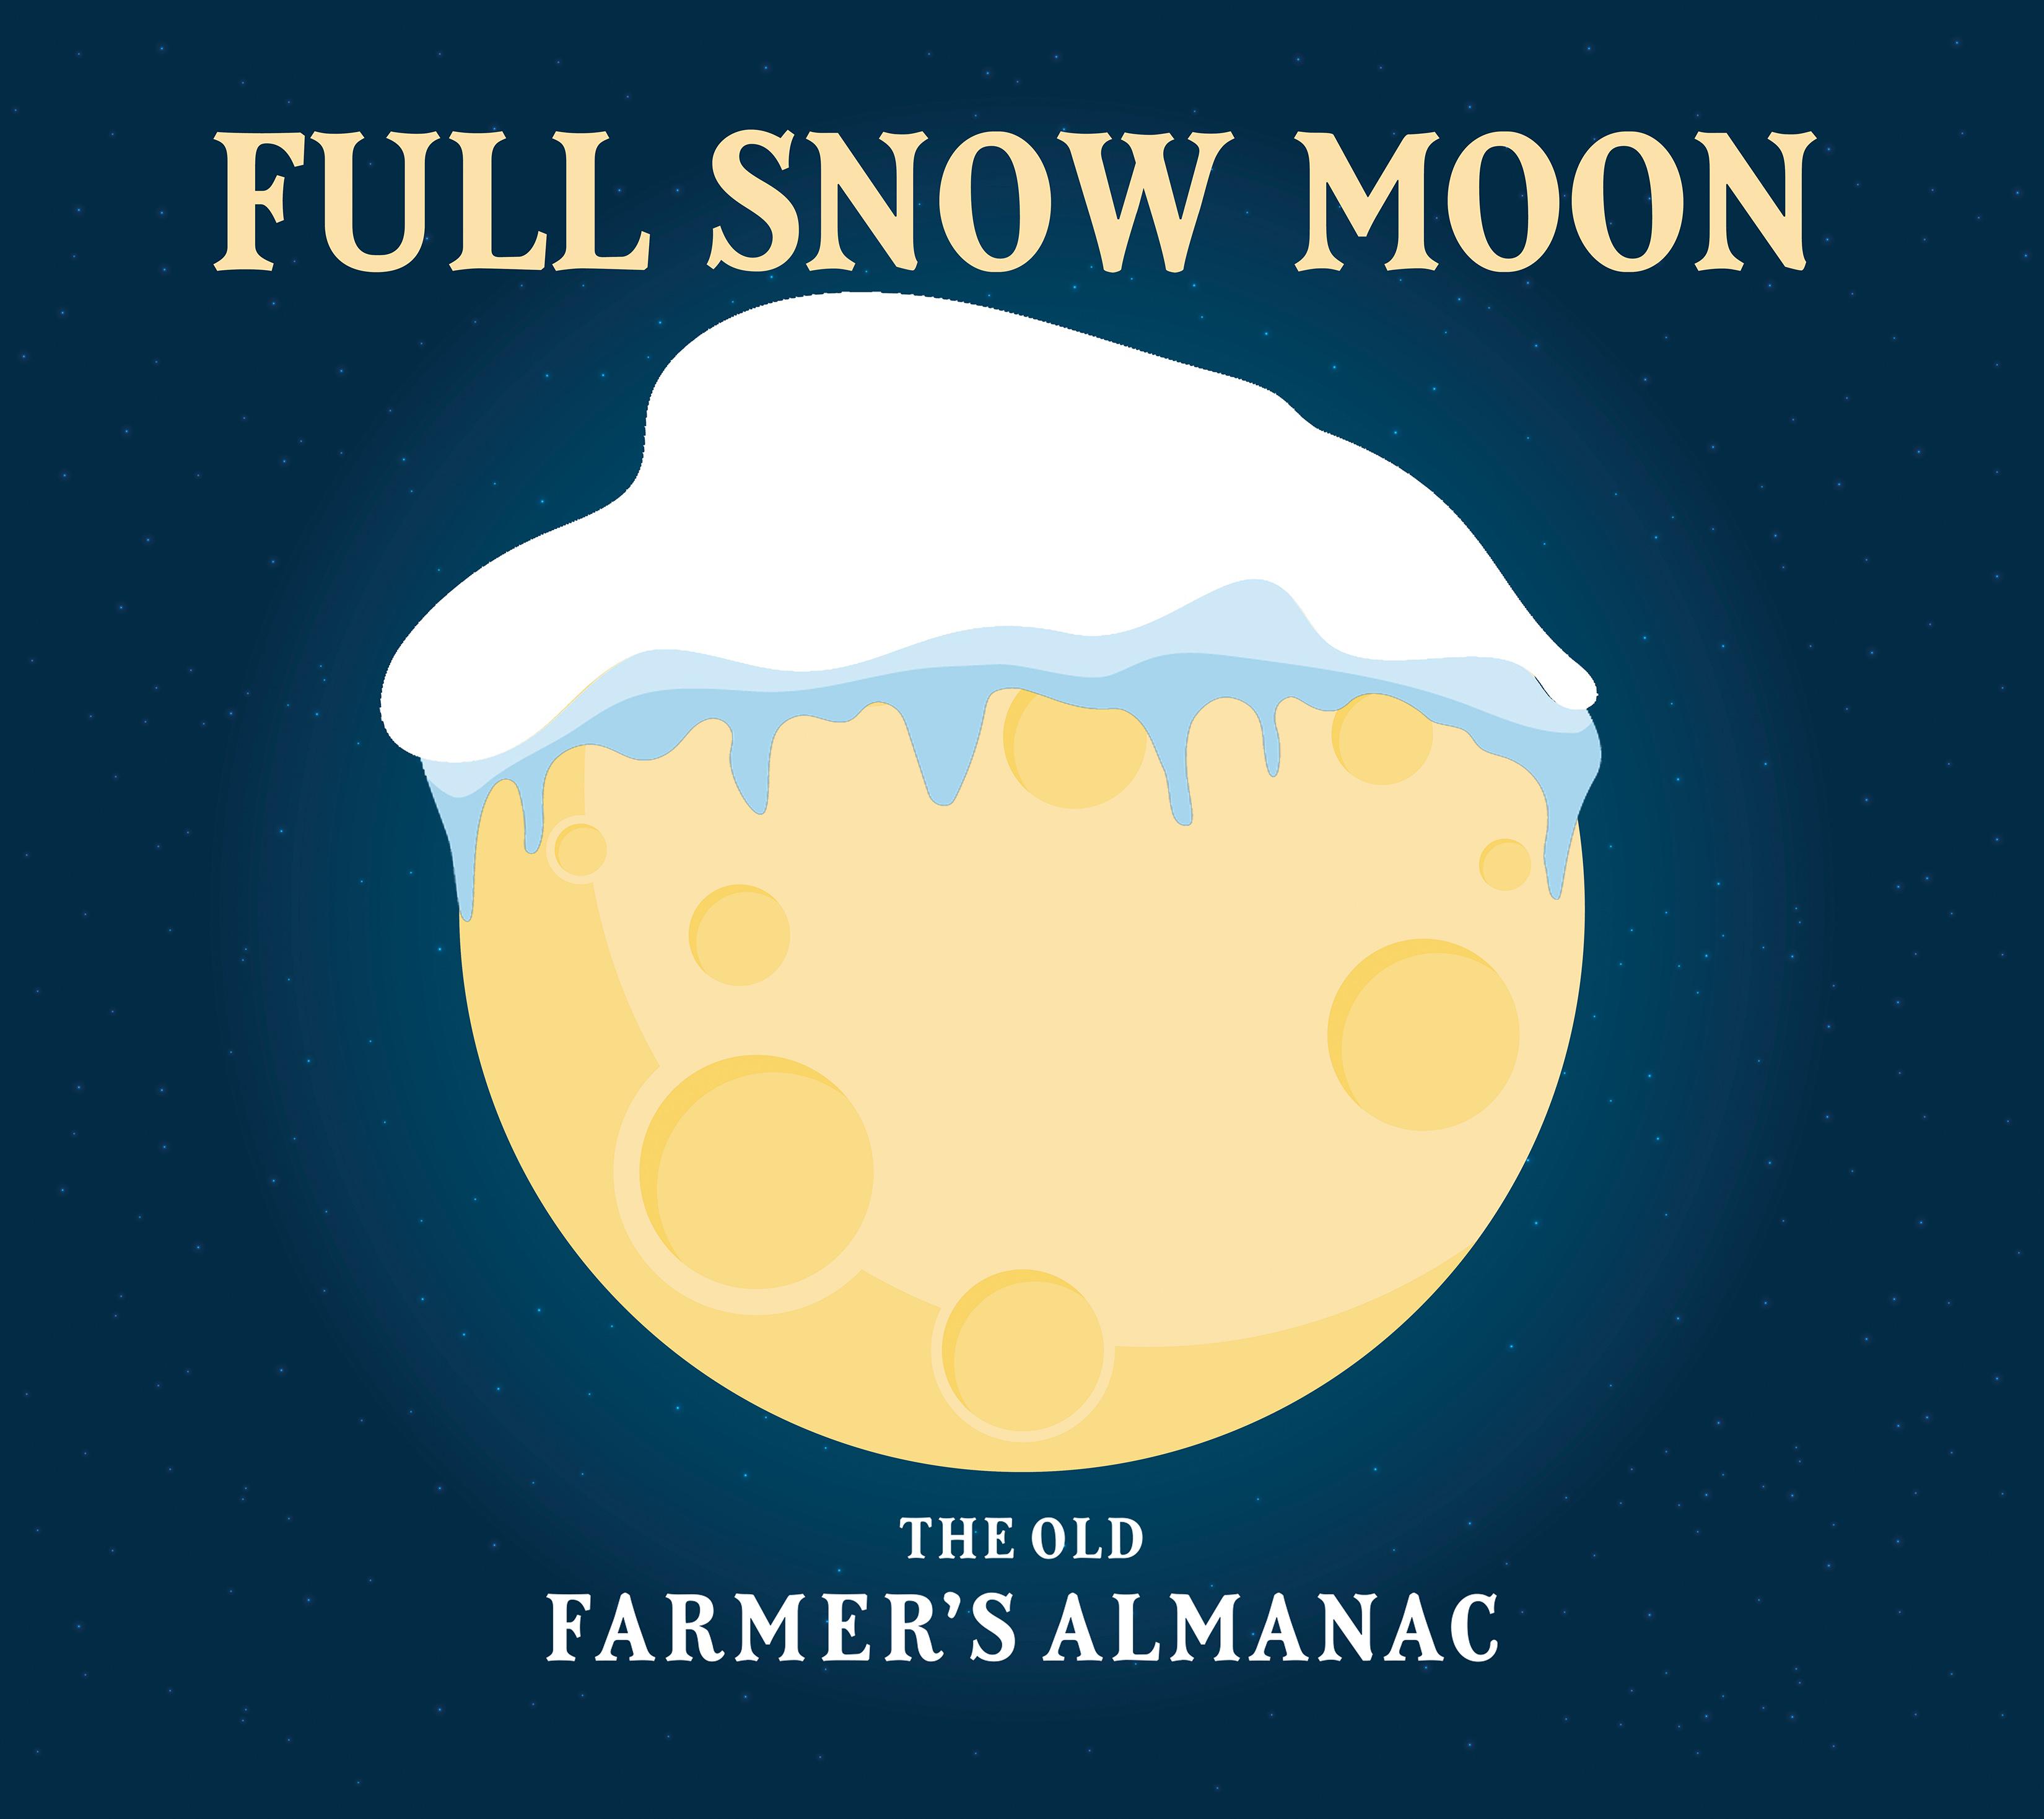 Full Moon For February The Full Snow Moon